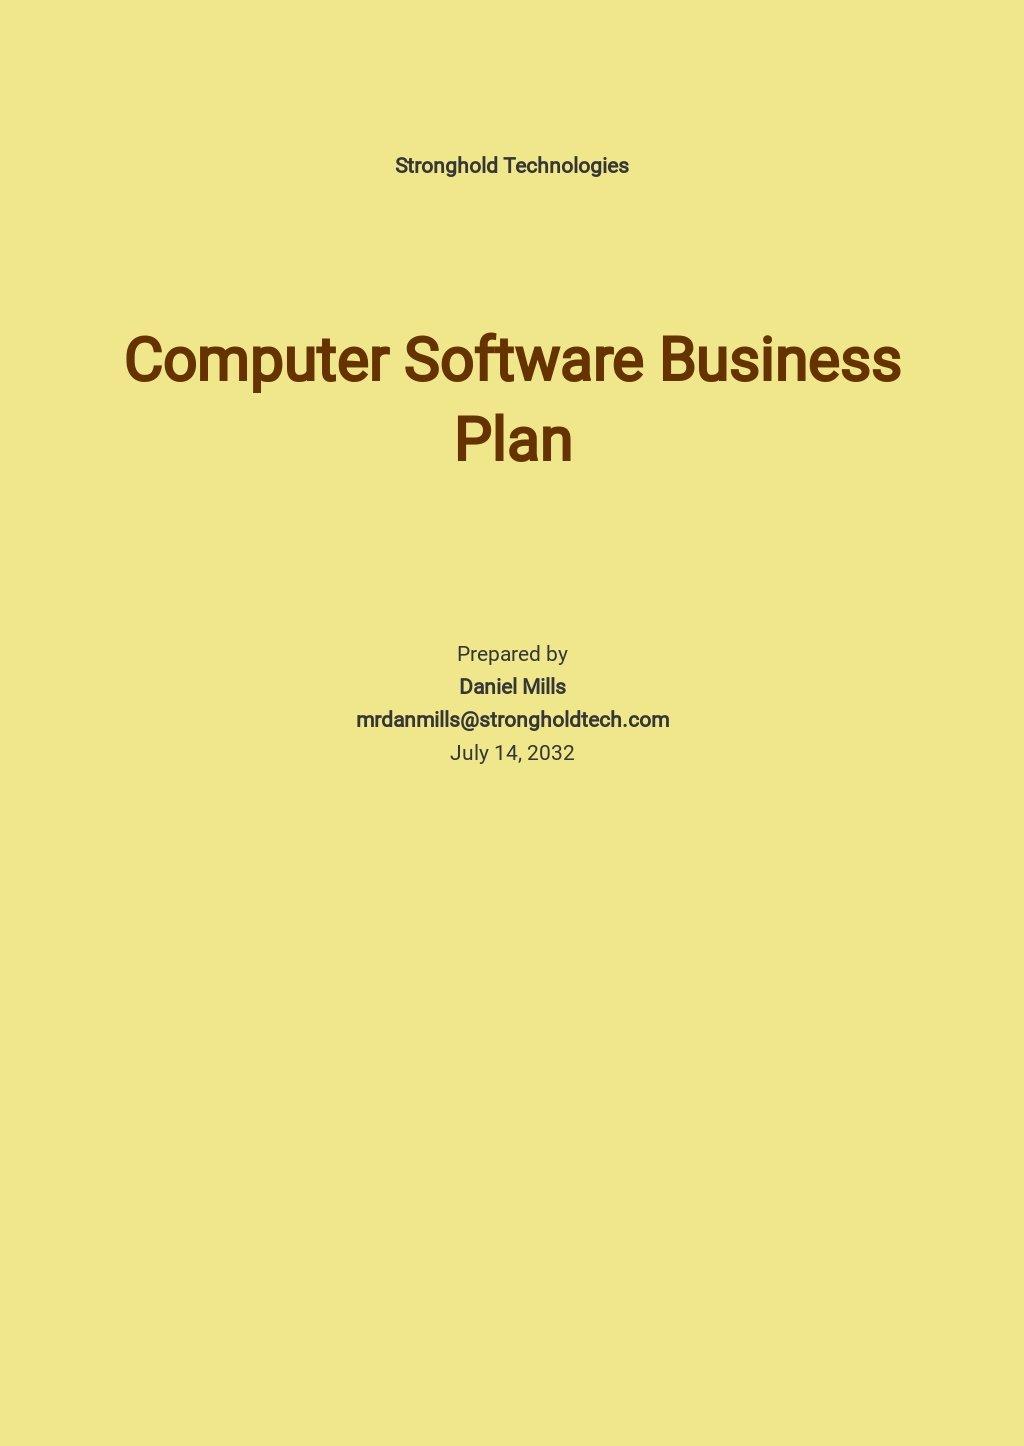 Computer Software Business Plan Template.jpe